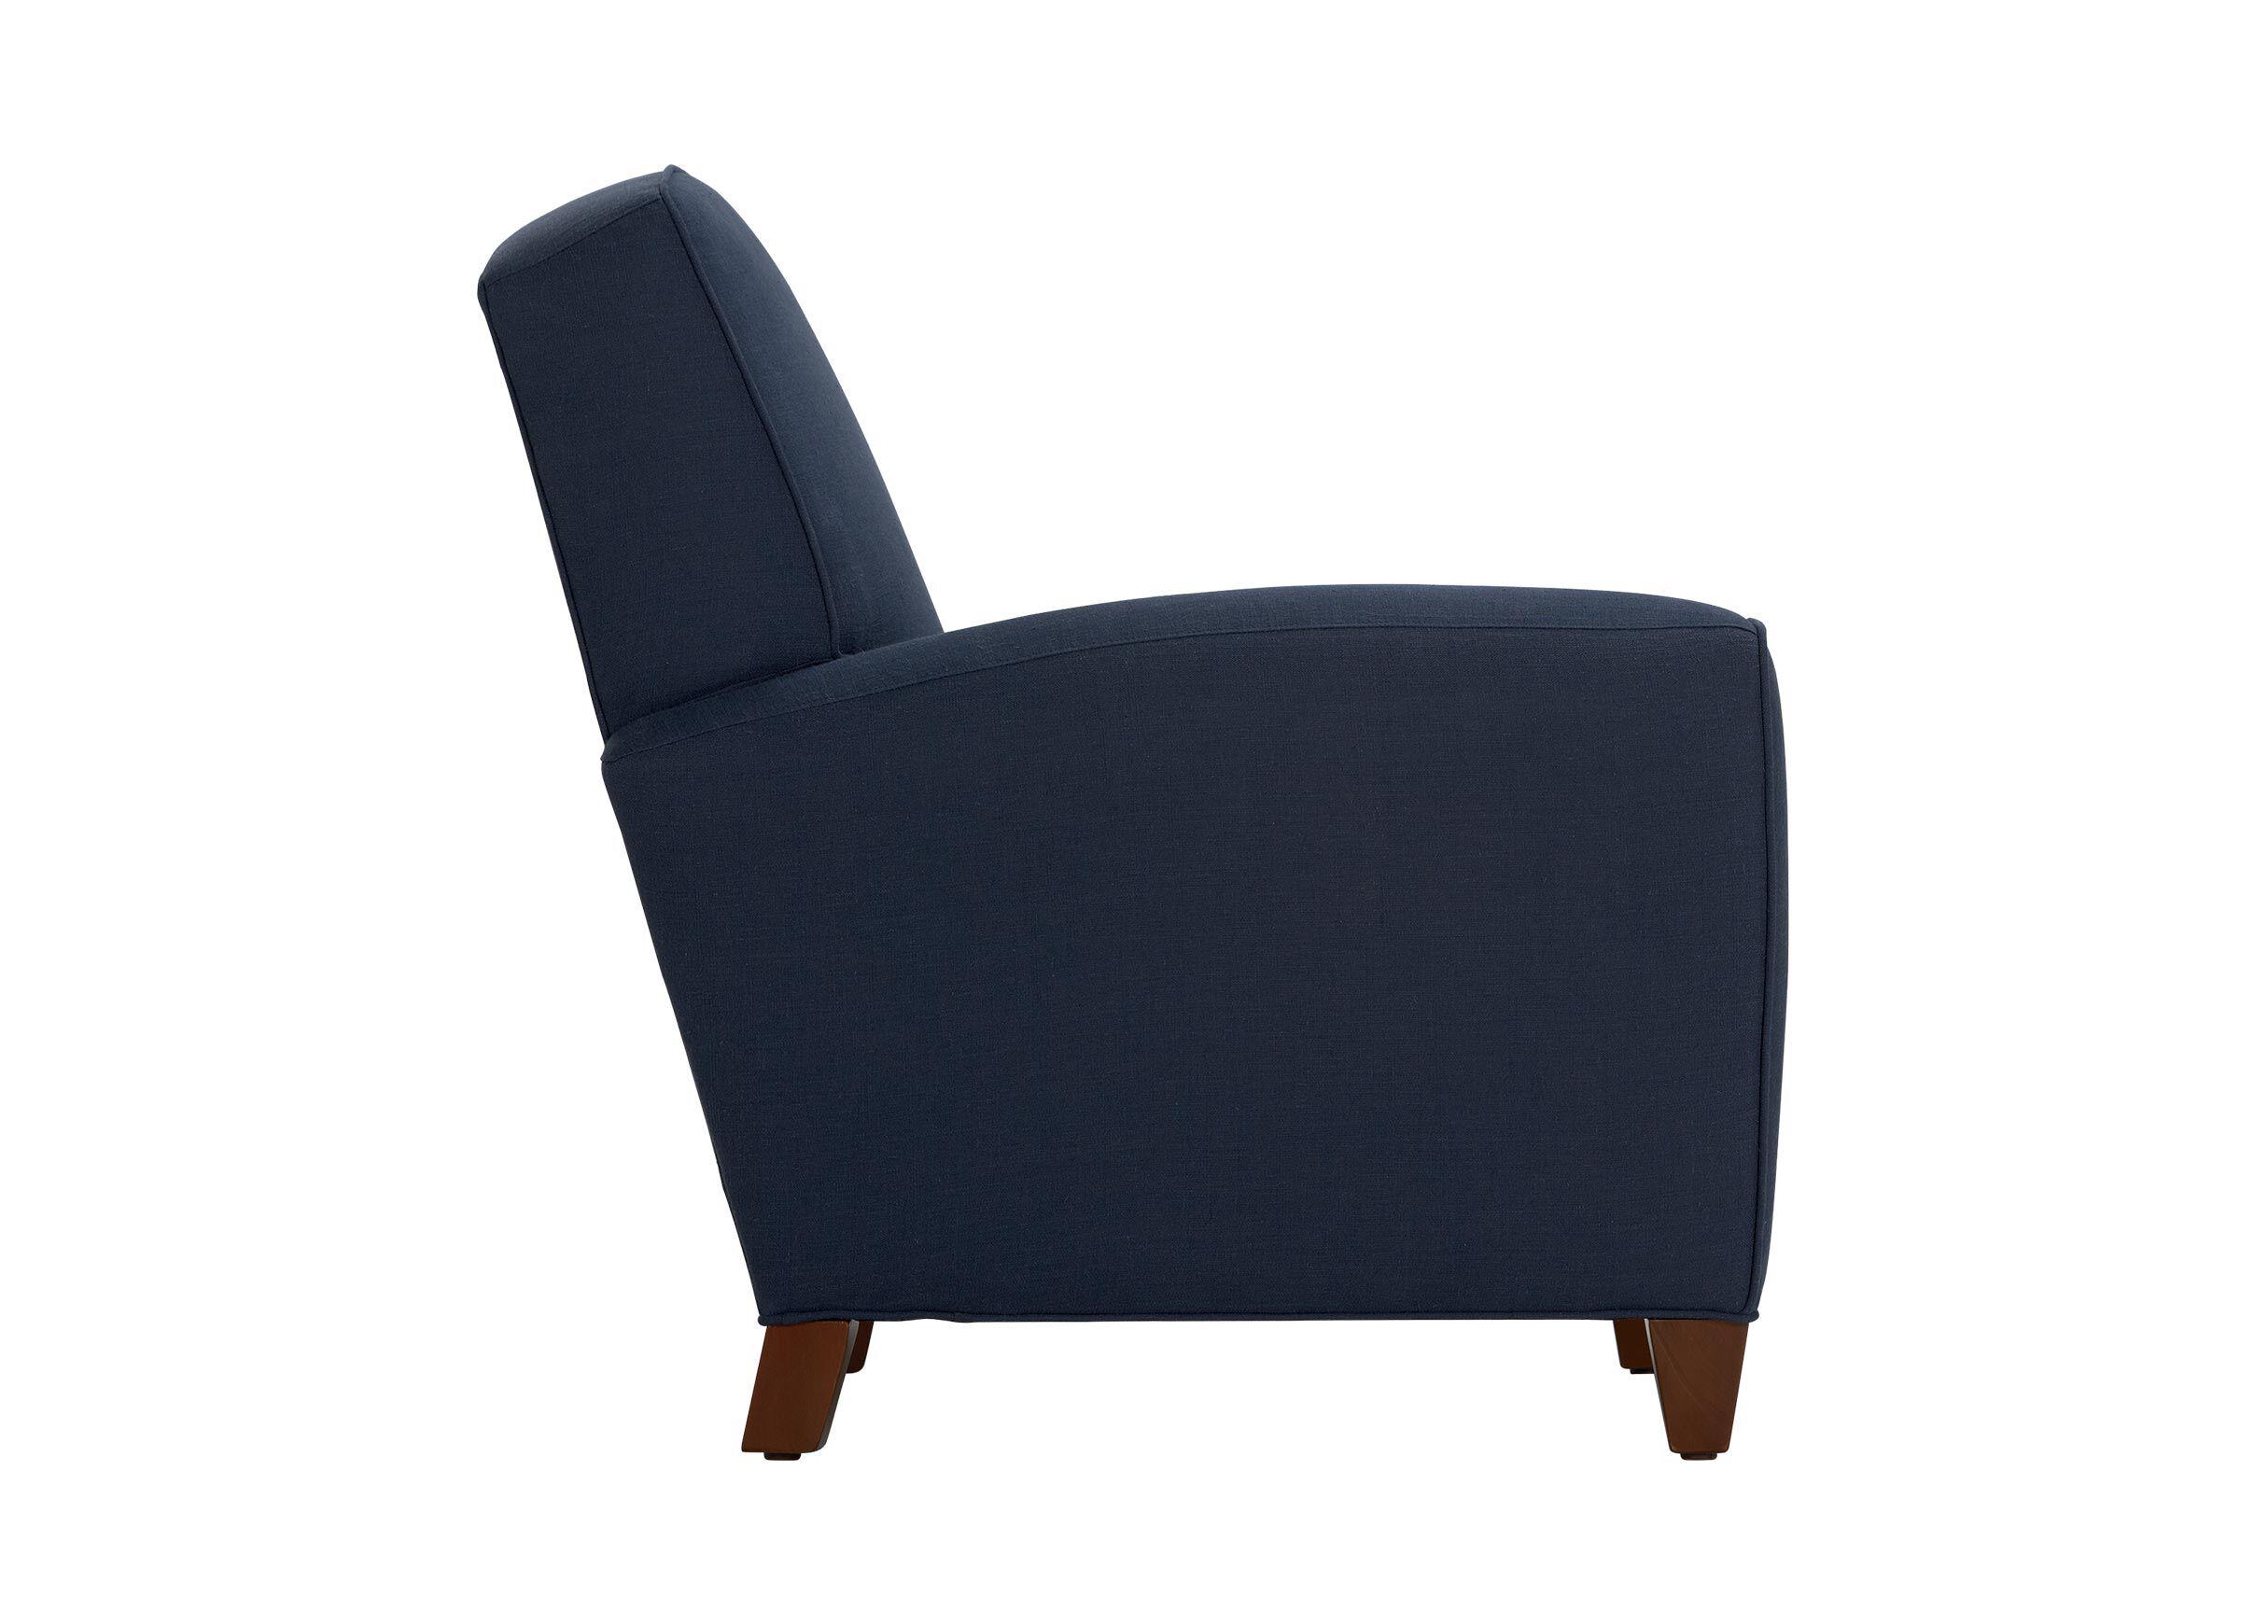 Soho Chair  Chairs  Chaises  Ethan Allen